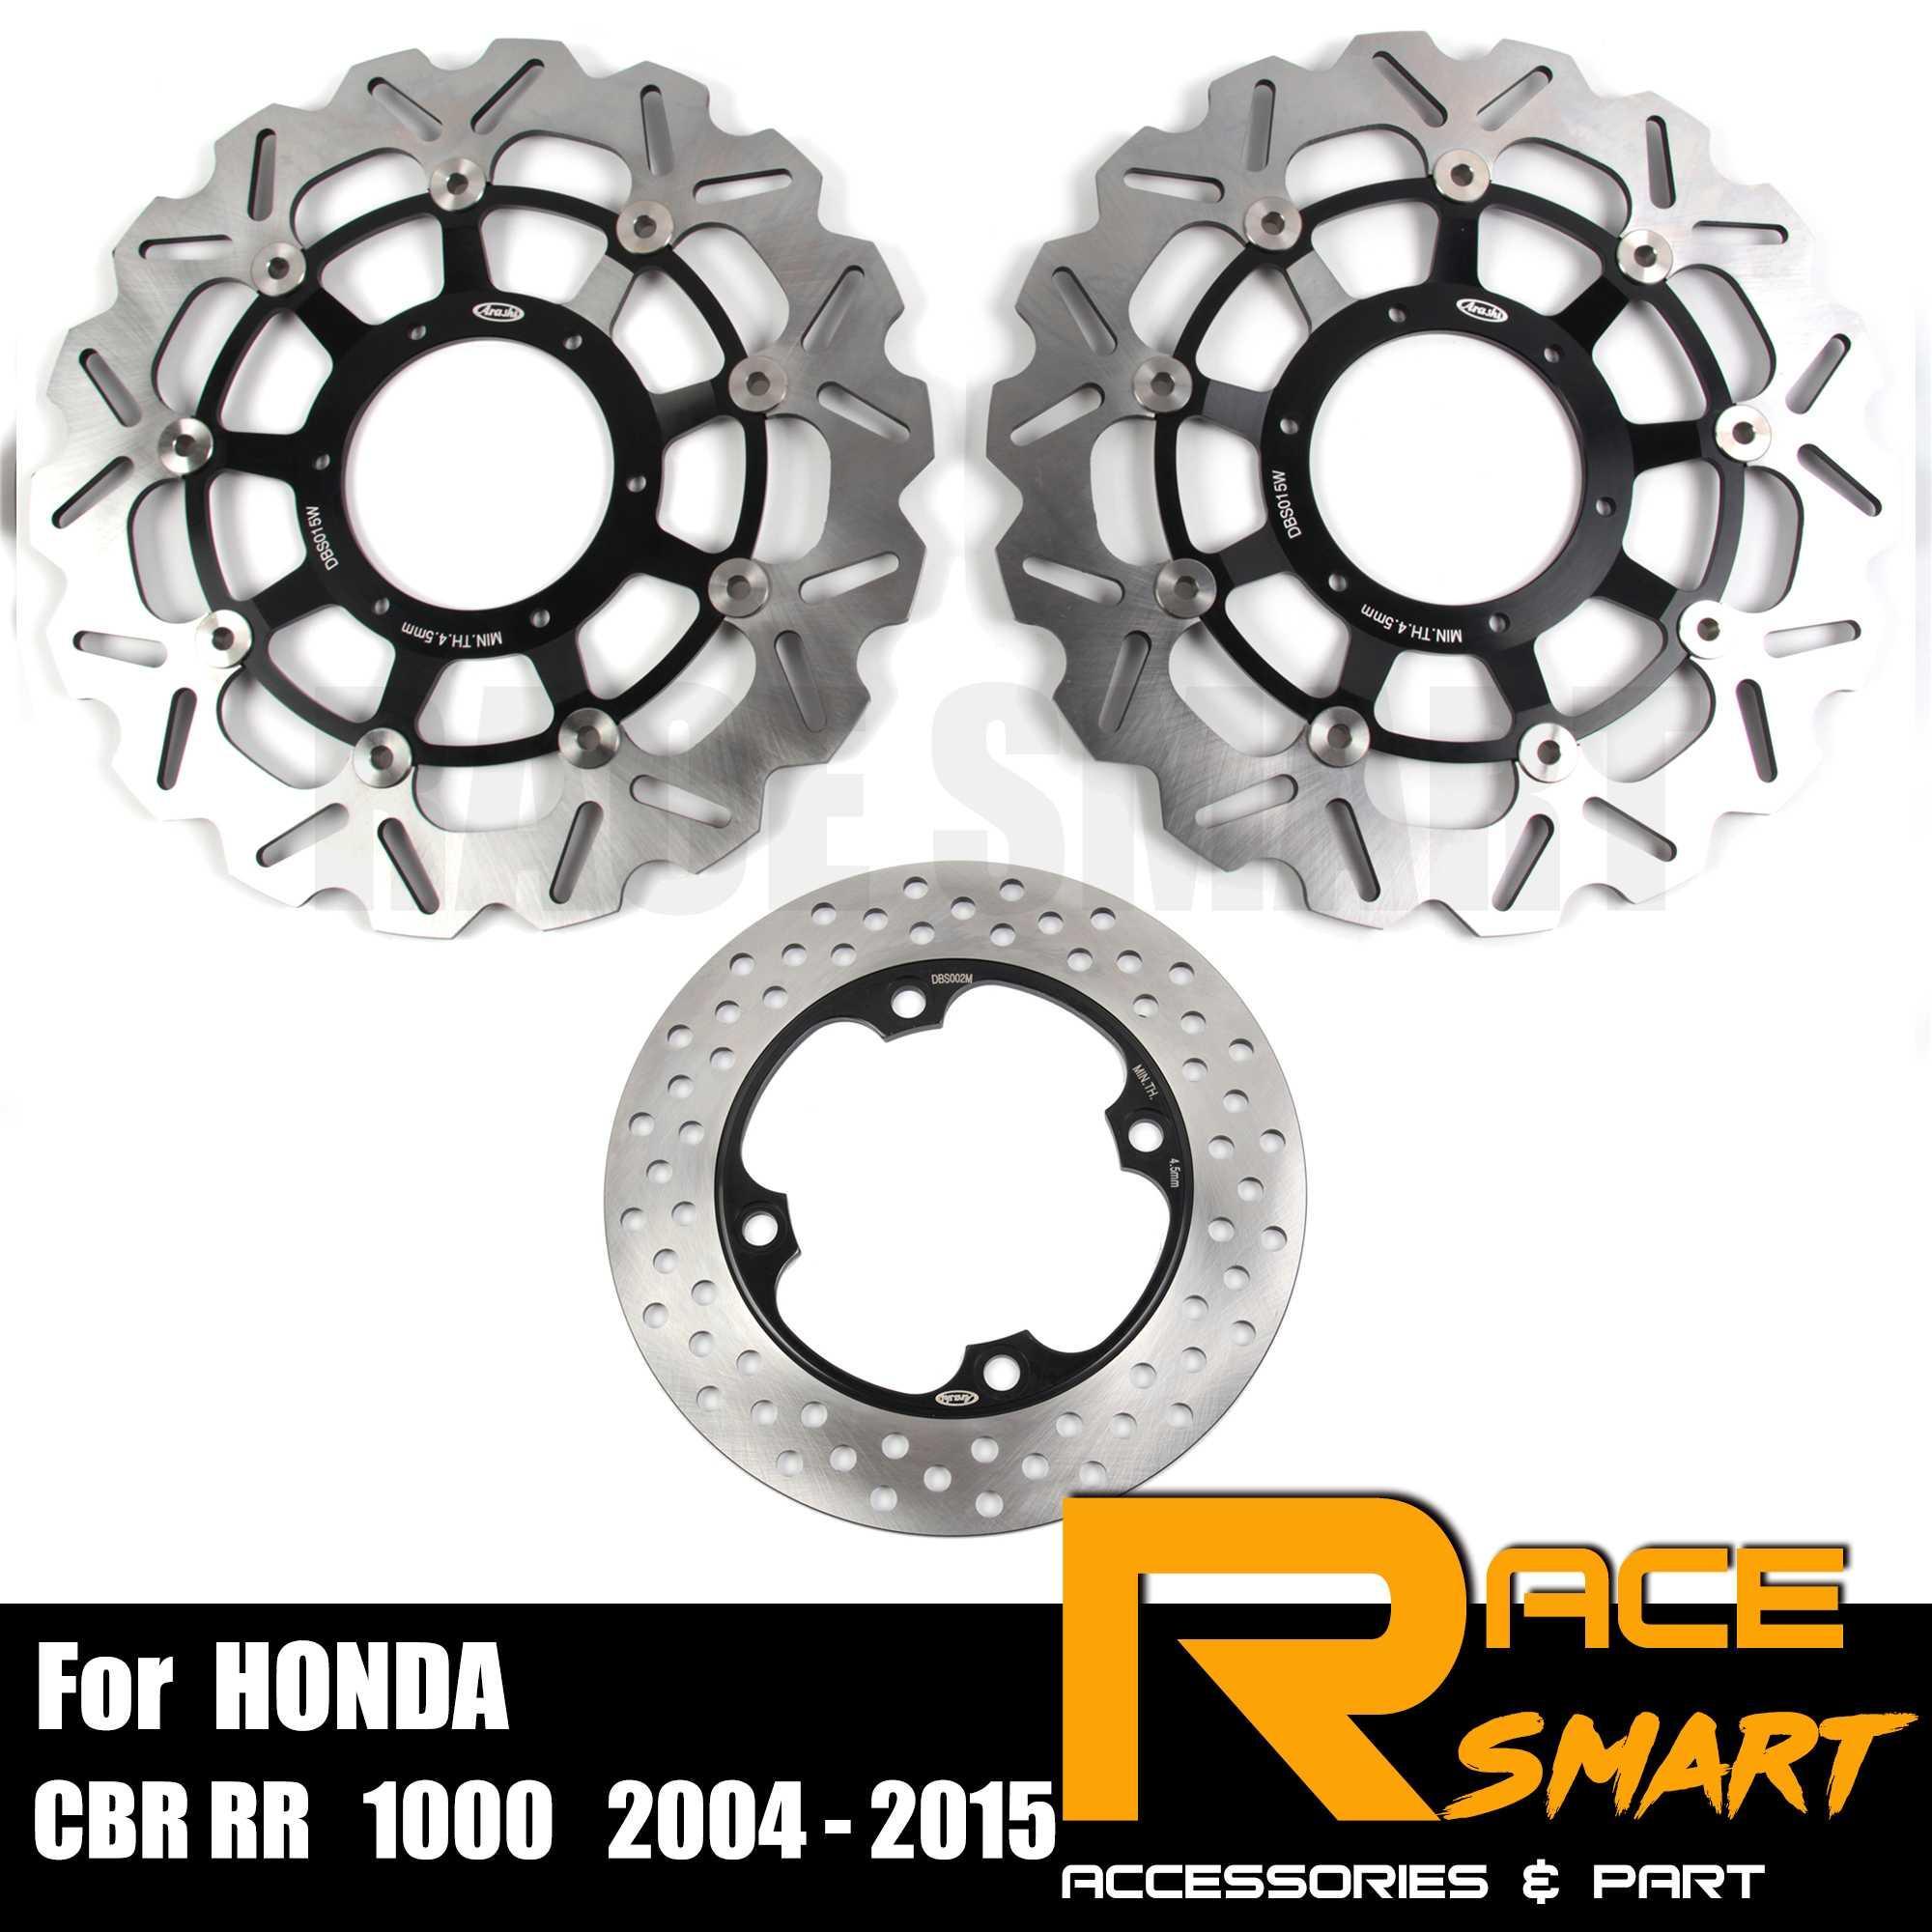 2001-2002 Front Brake Disc Pad Pins Honda CBR 600 F 4i S Per 2 UK